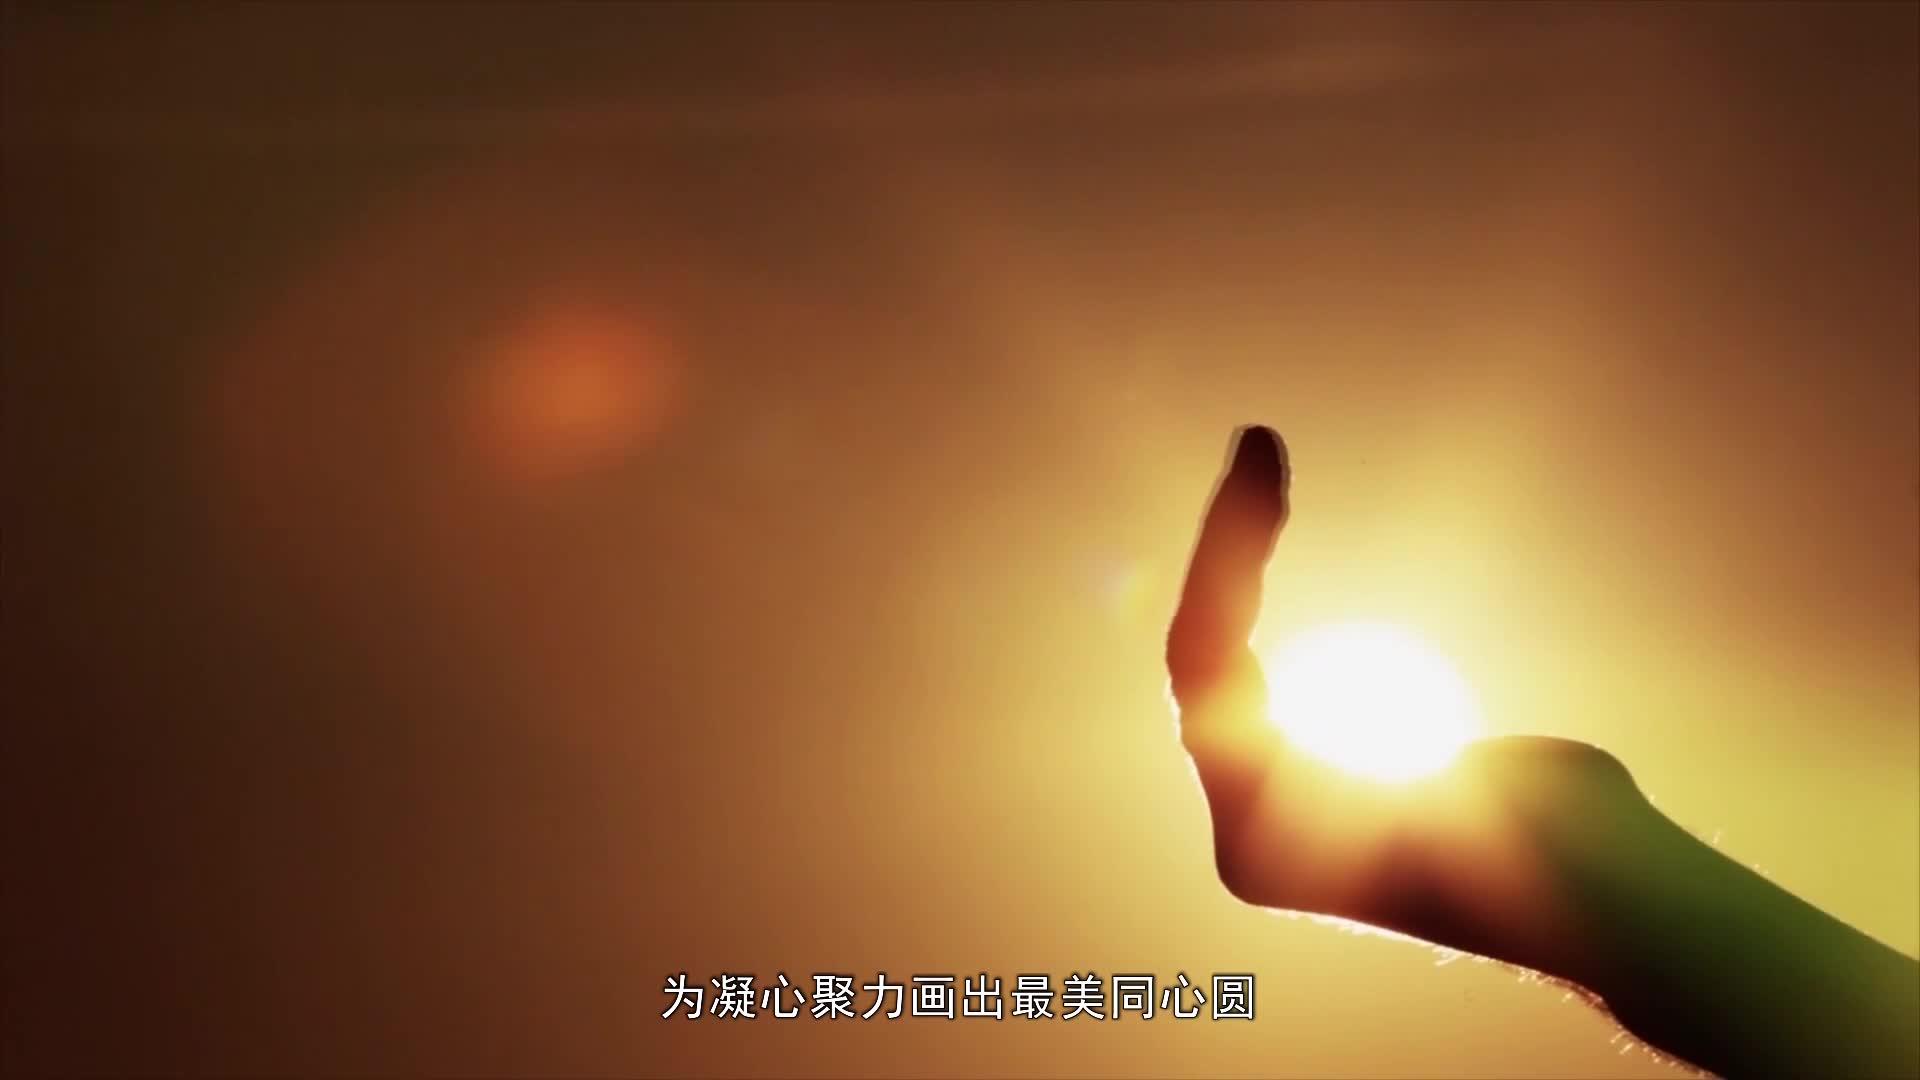 【全程回顾】湖南红网新媒体集团与杭州凡闻科技有限公司战略合作签约仪式